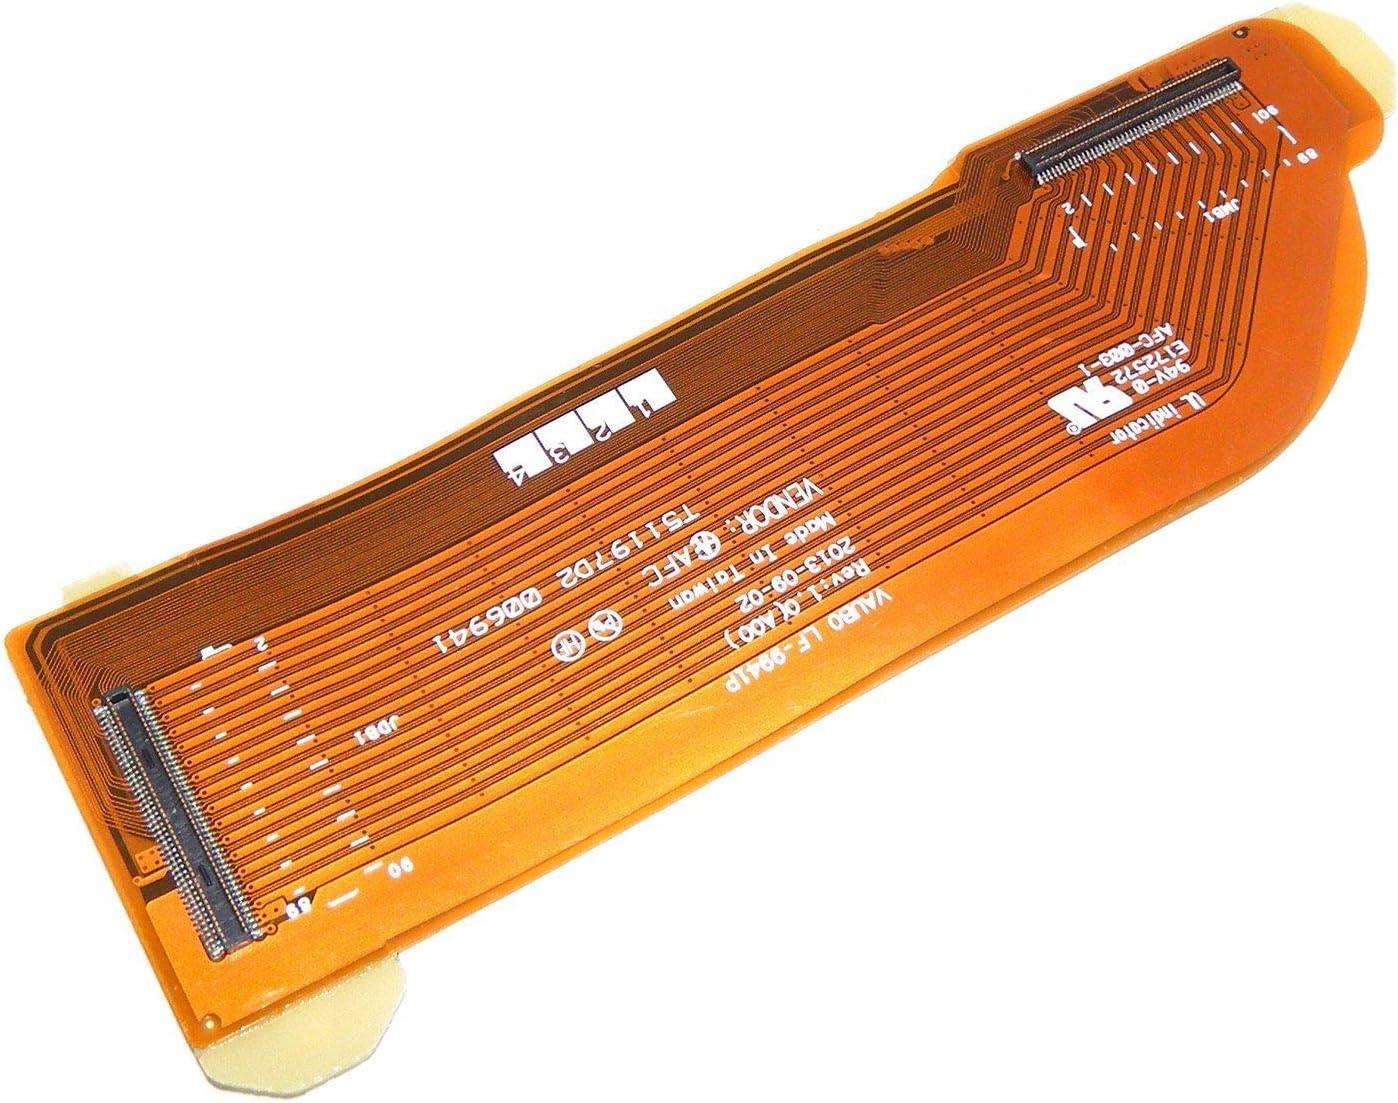 New IO Board FPC Flex Cable Replacement for Dell XPS 15 9530 Precision M3800 K036W 0K036W LF-9941P